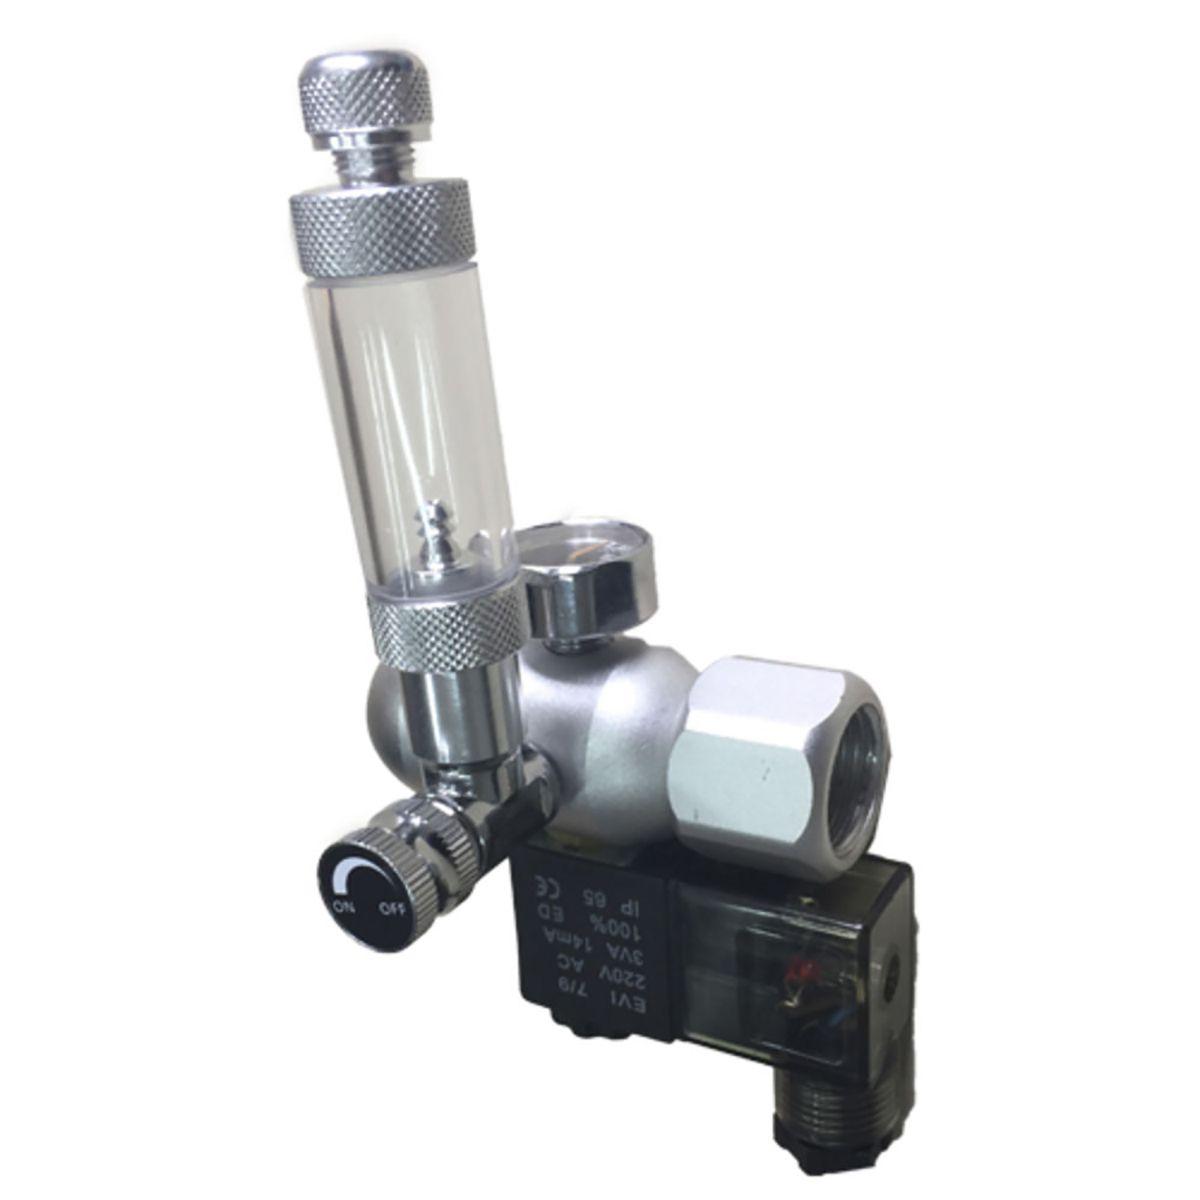 Kit Profissional de CO2 para Aquários Plantados Soma 2 Litros